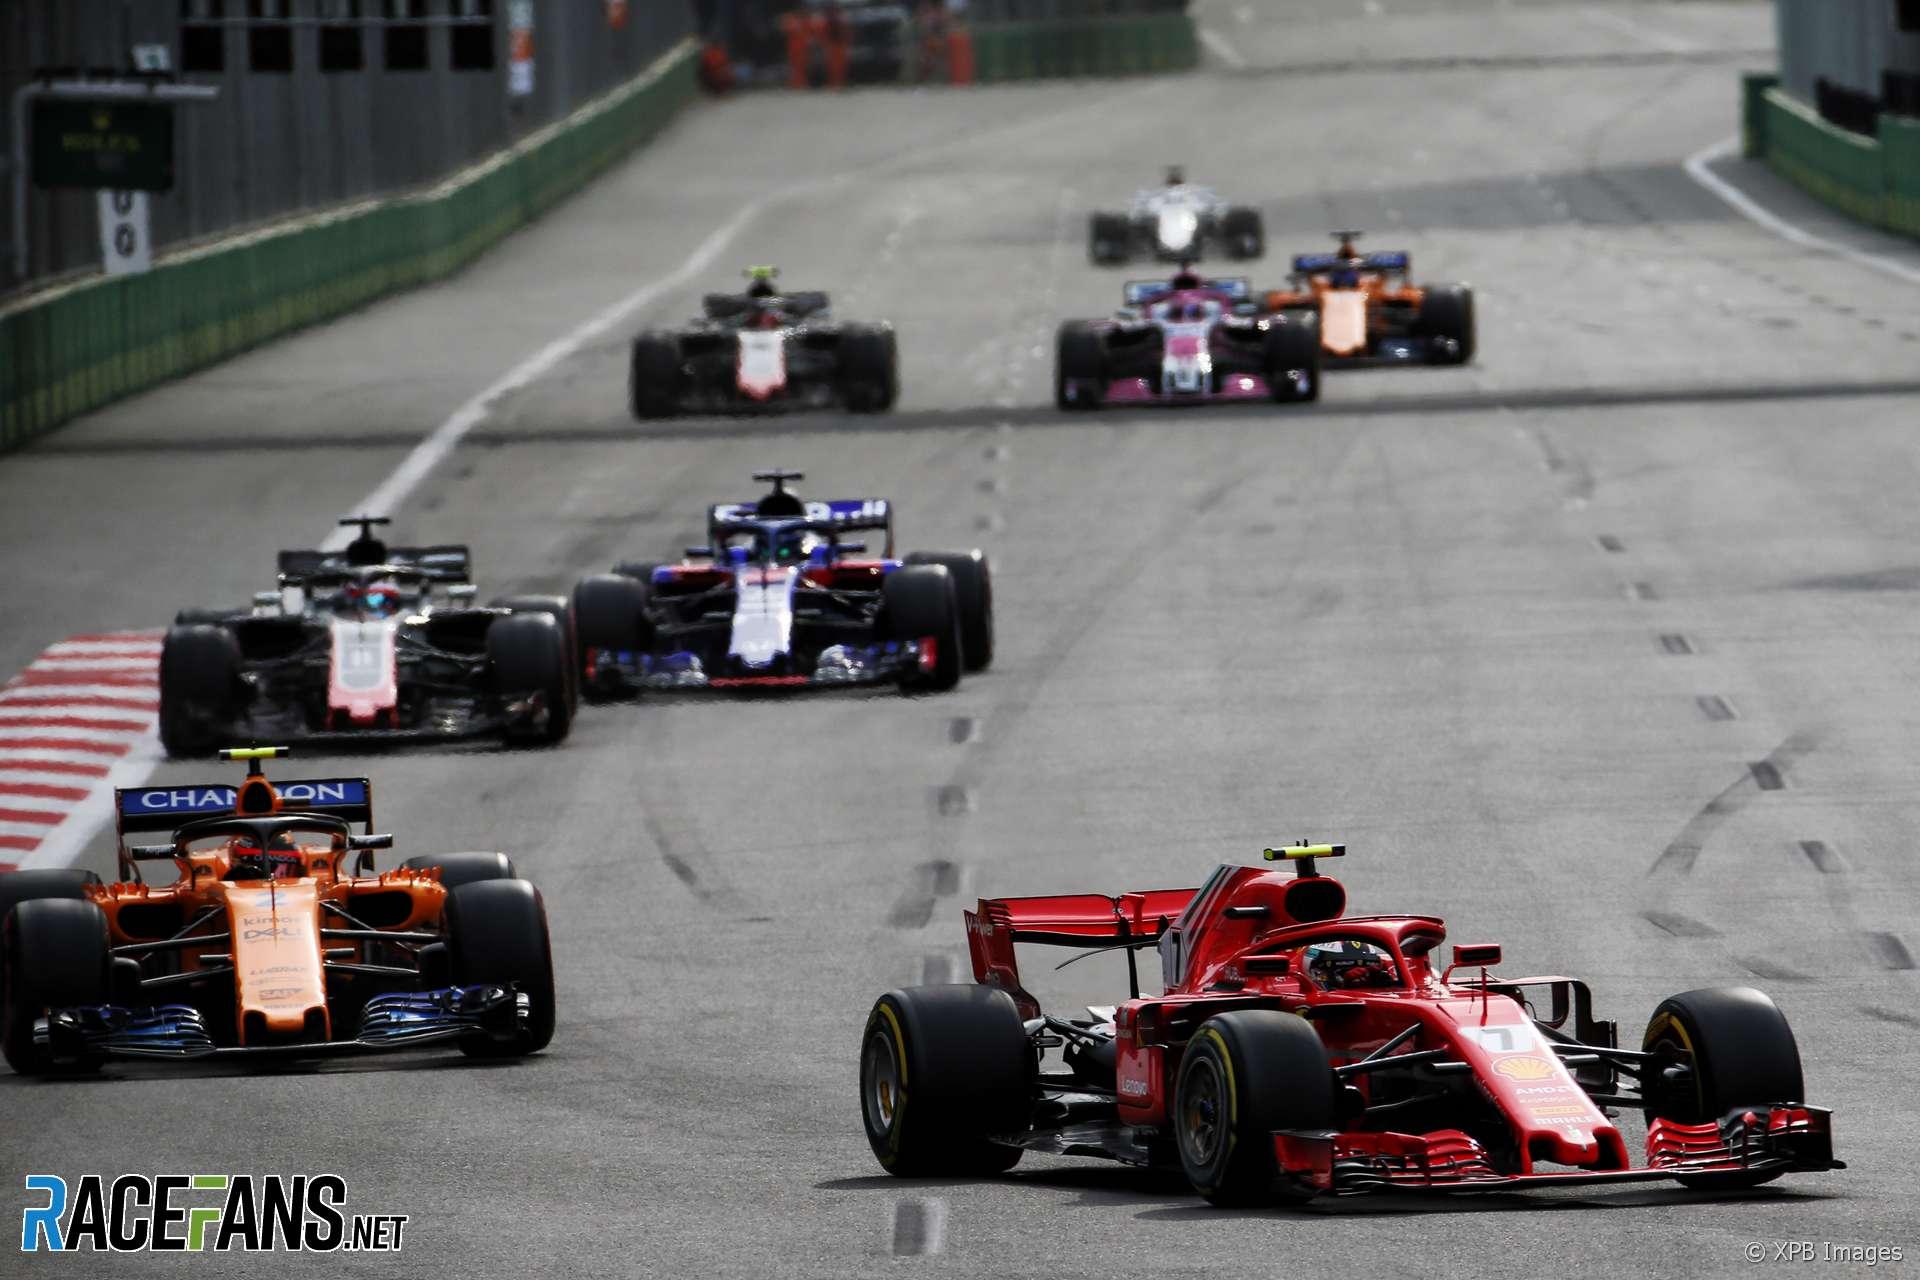 Kimi Raikkonen, Ferrari, Baku City Circuit, 2018